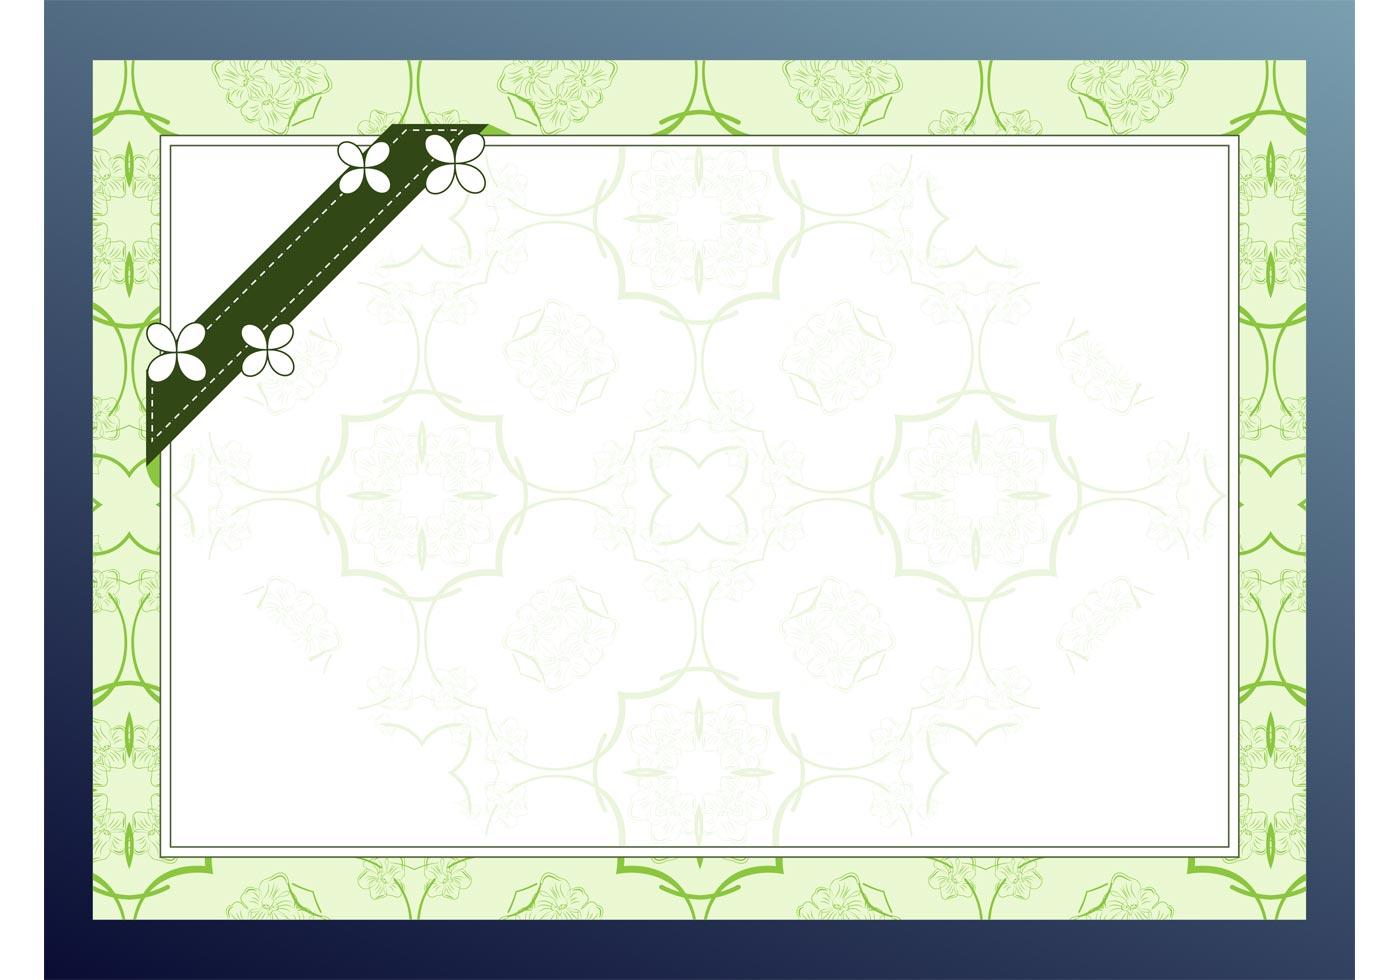 invitation card design 8506 free downloads. Black Bedroom Furniture Sets. Home Design Ideas